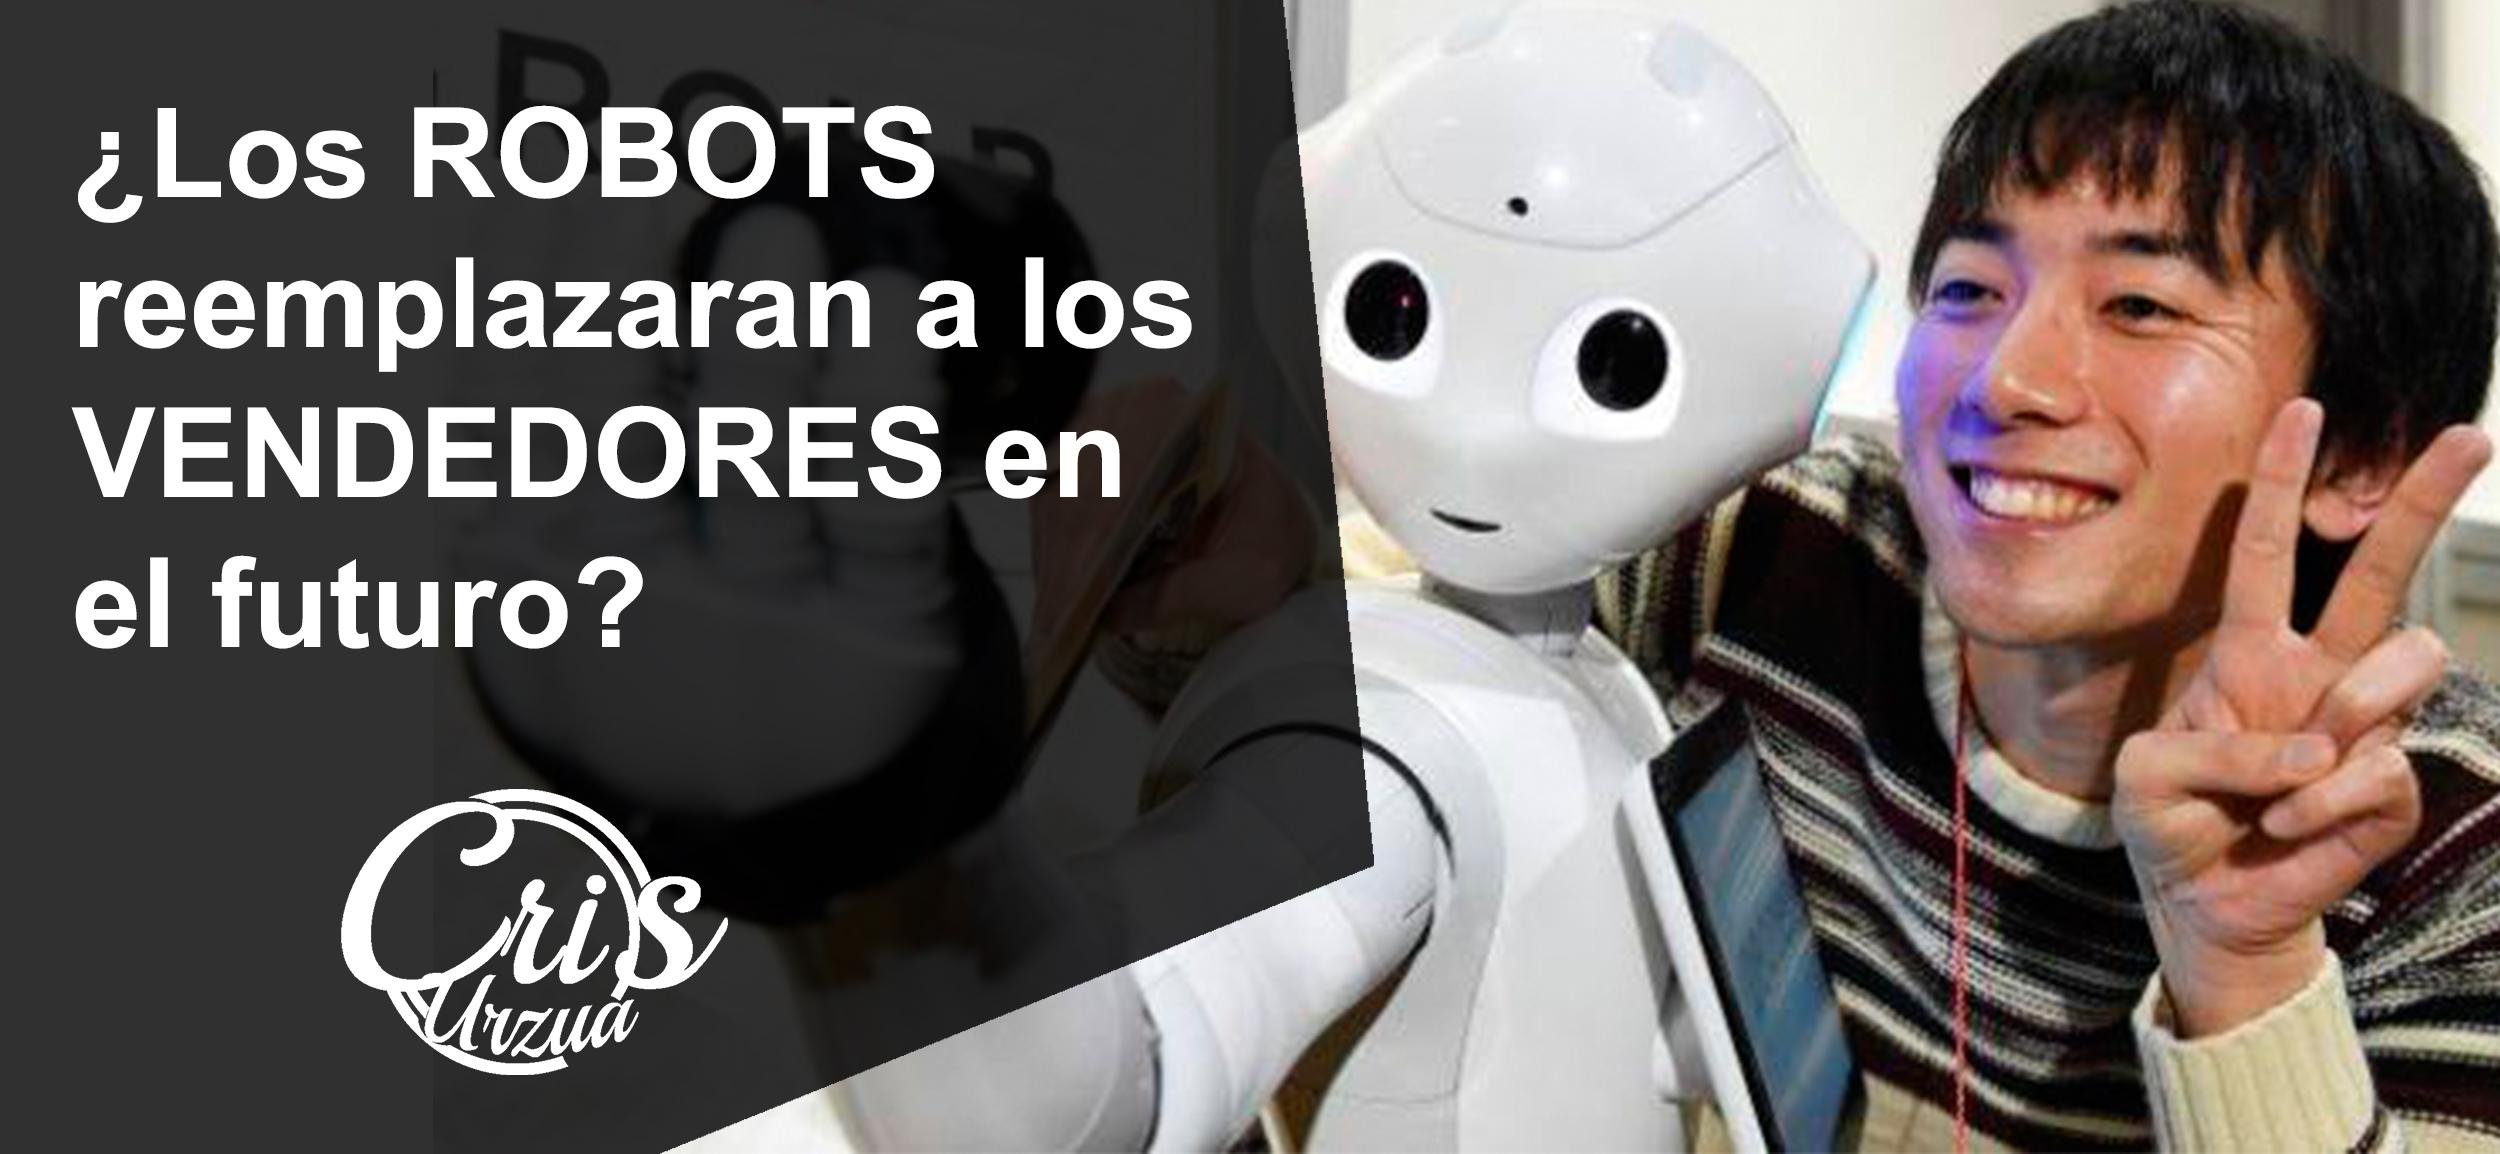 ¿Los Robots reemplazarán a los vendedores en un futuro?